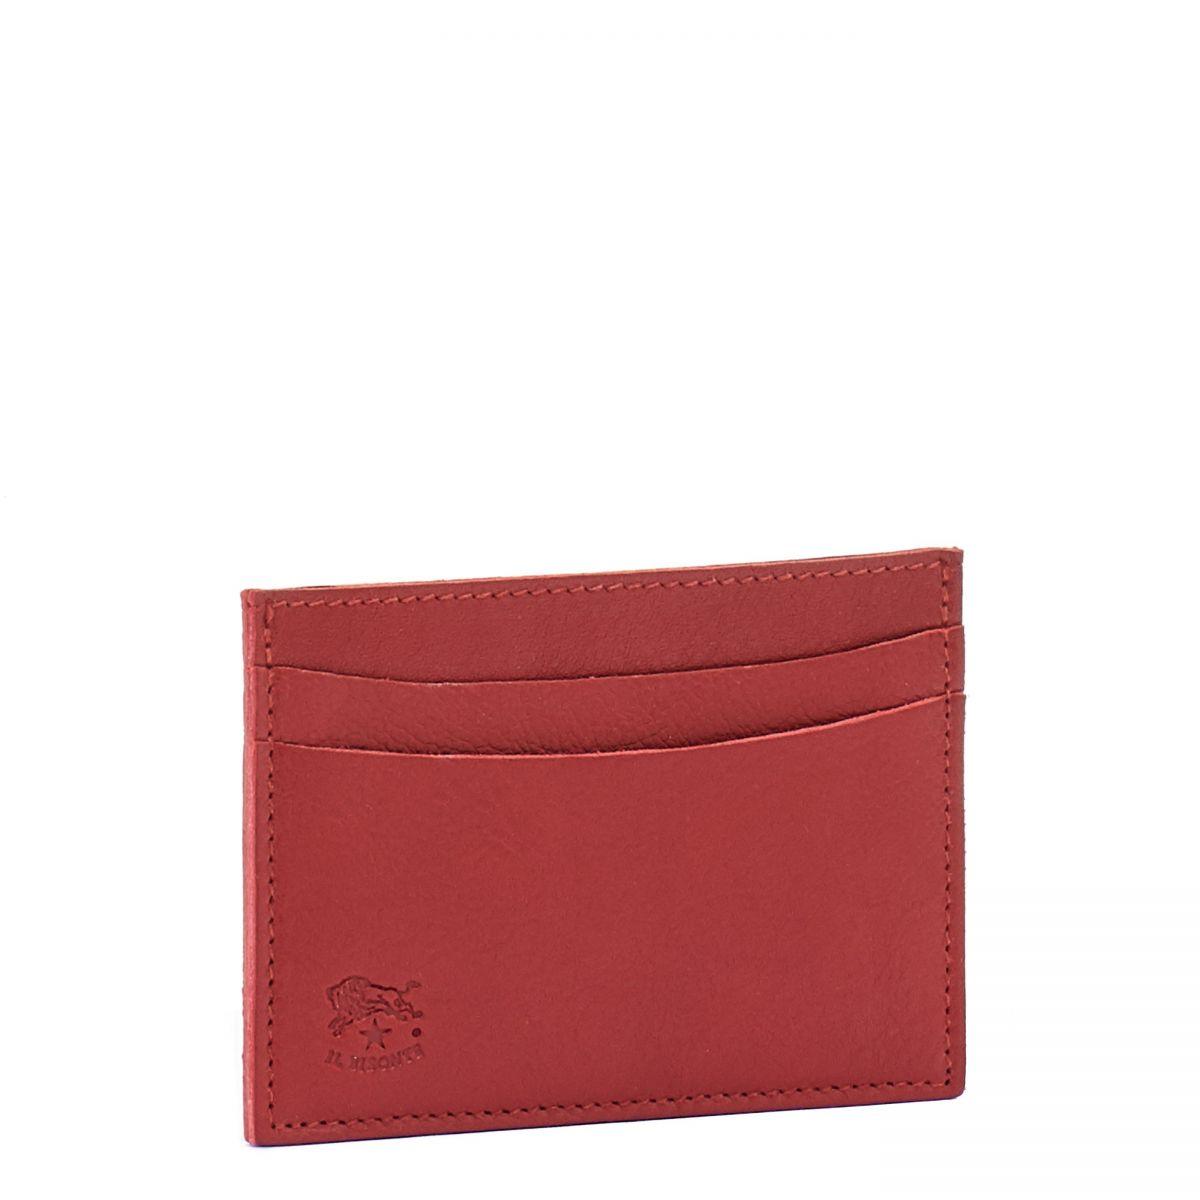 Porte-Cartes  en Cuir De Vachette Doublé SCC019 couleur Rouge | Details